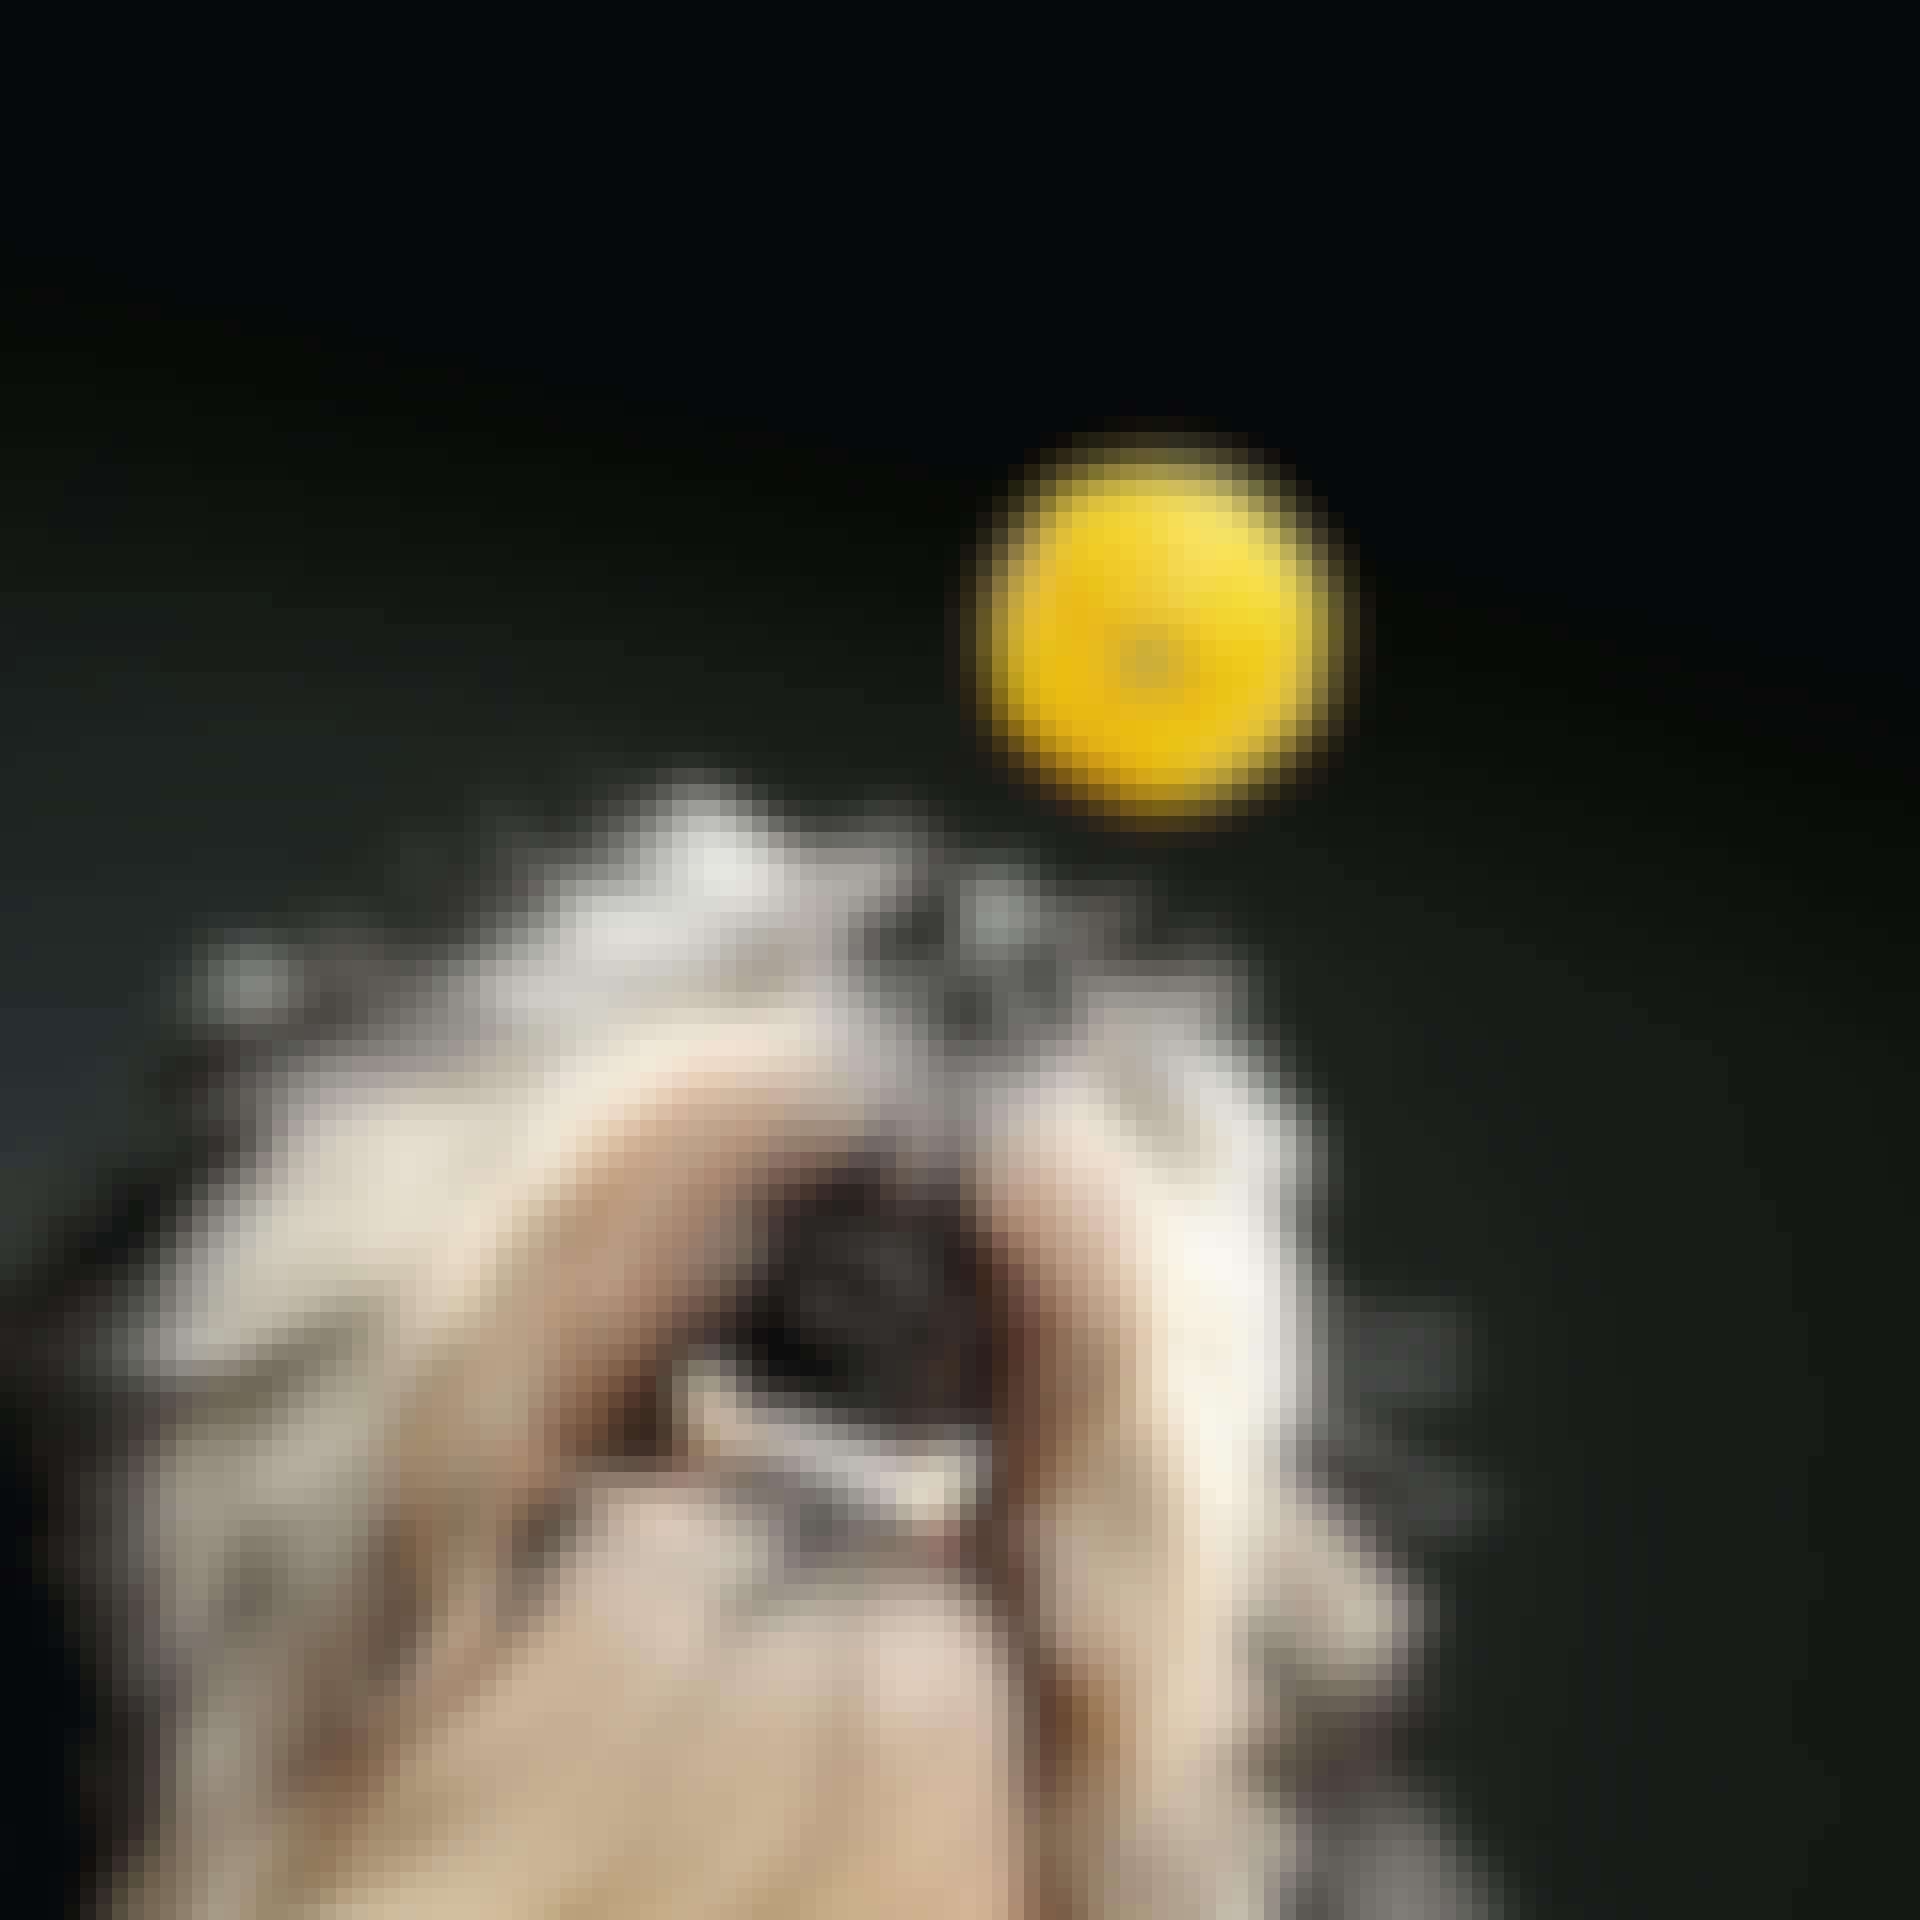 Hundens hjärna är stor som en citron